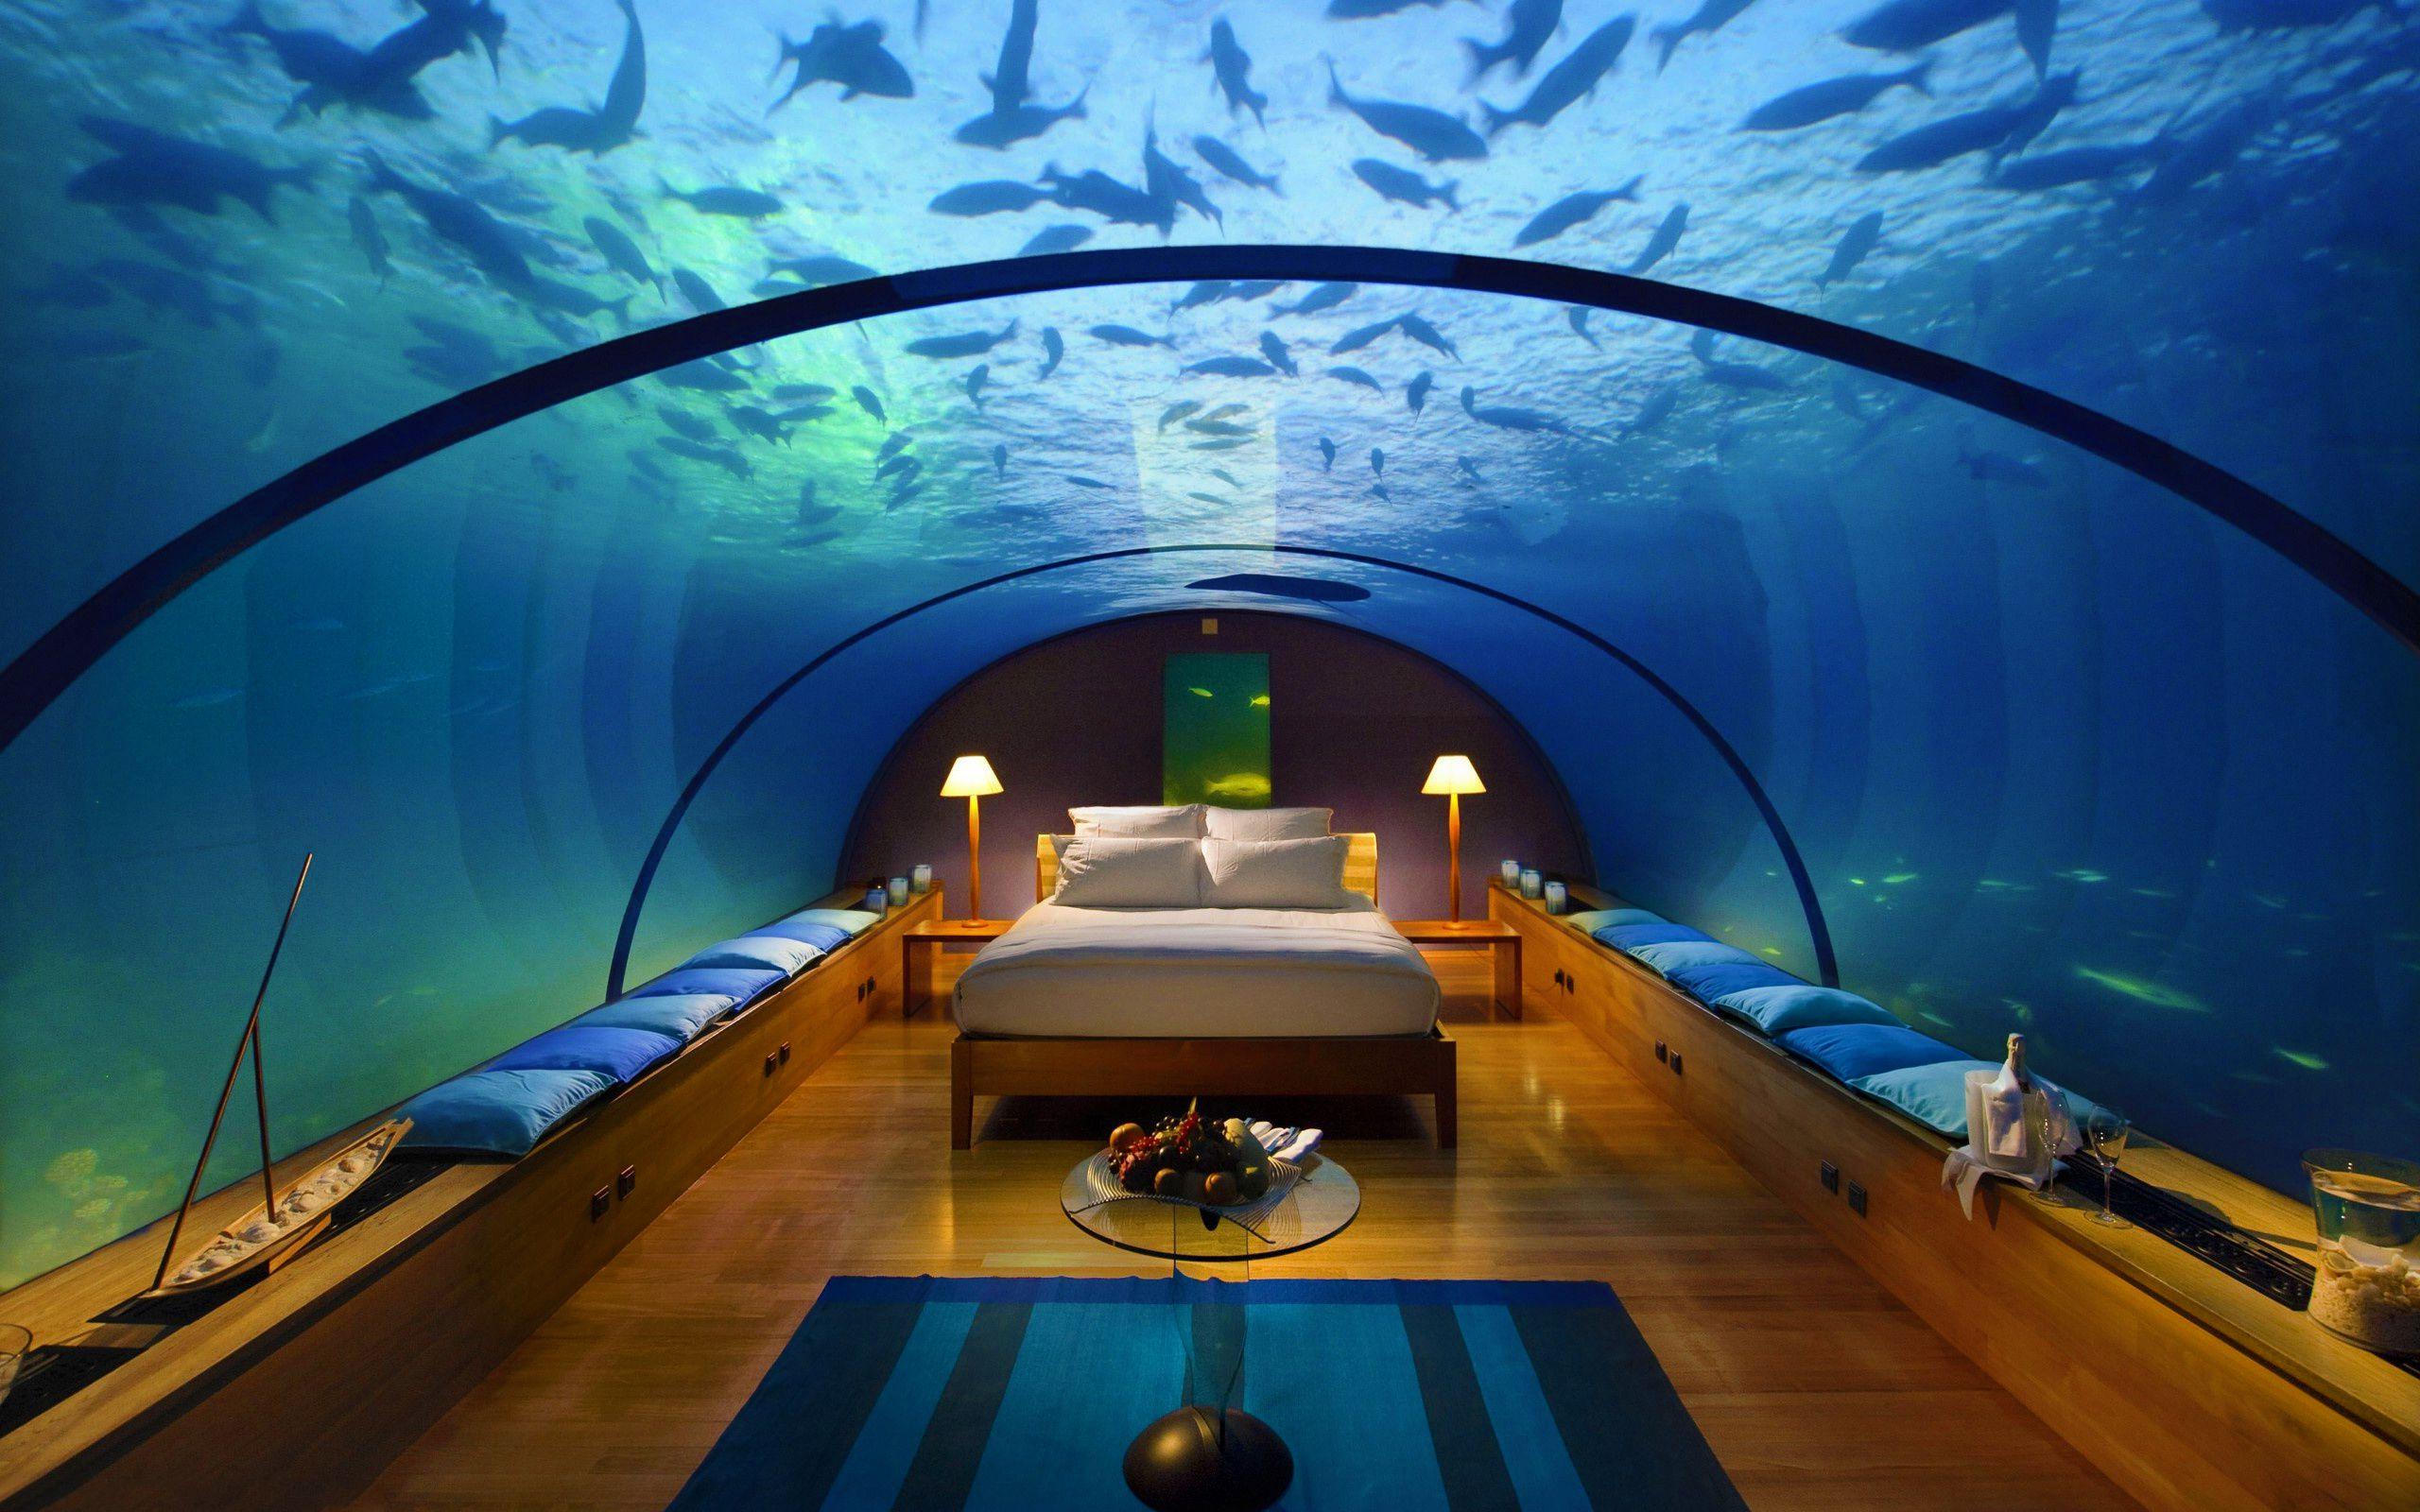 Decorating theme bedrooms - Maries Manor: underwater ...  Underwater Bedroom Decorations